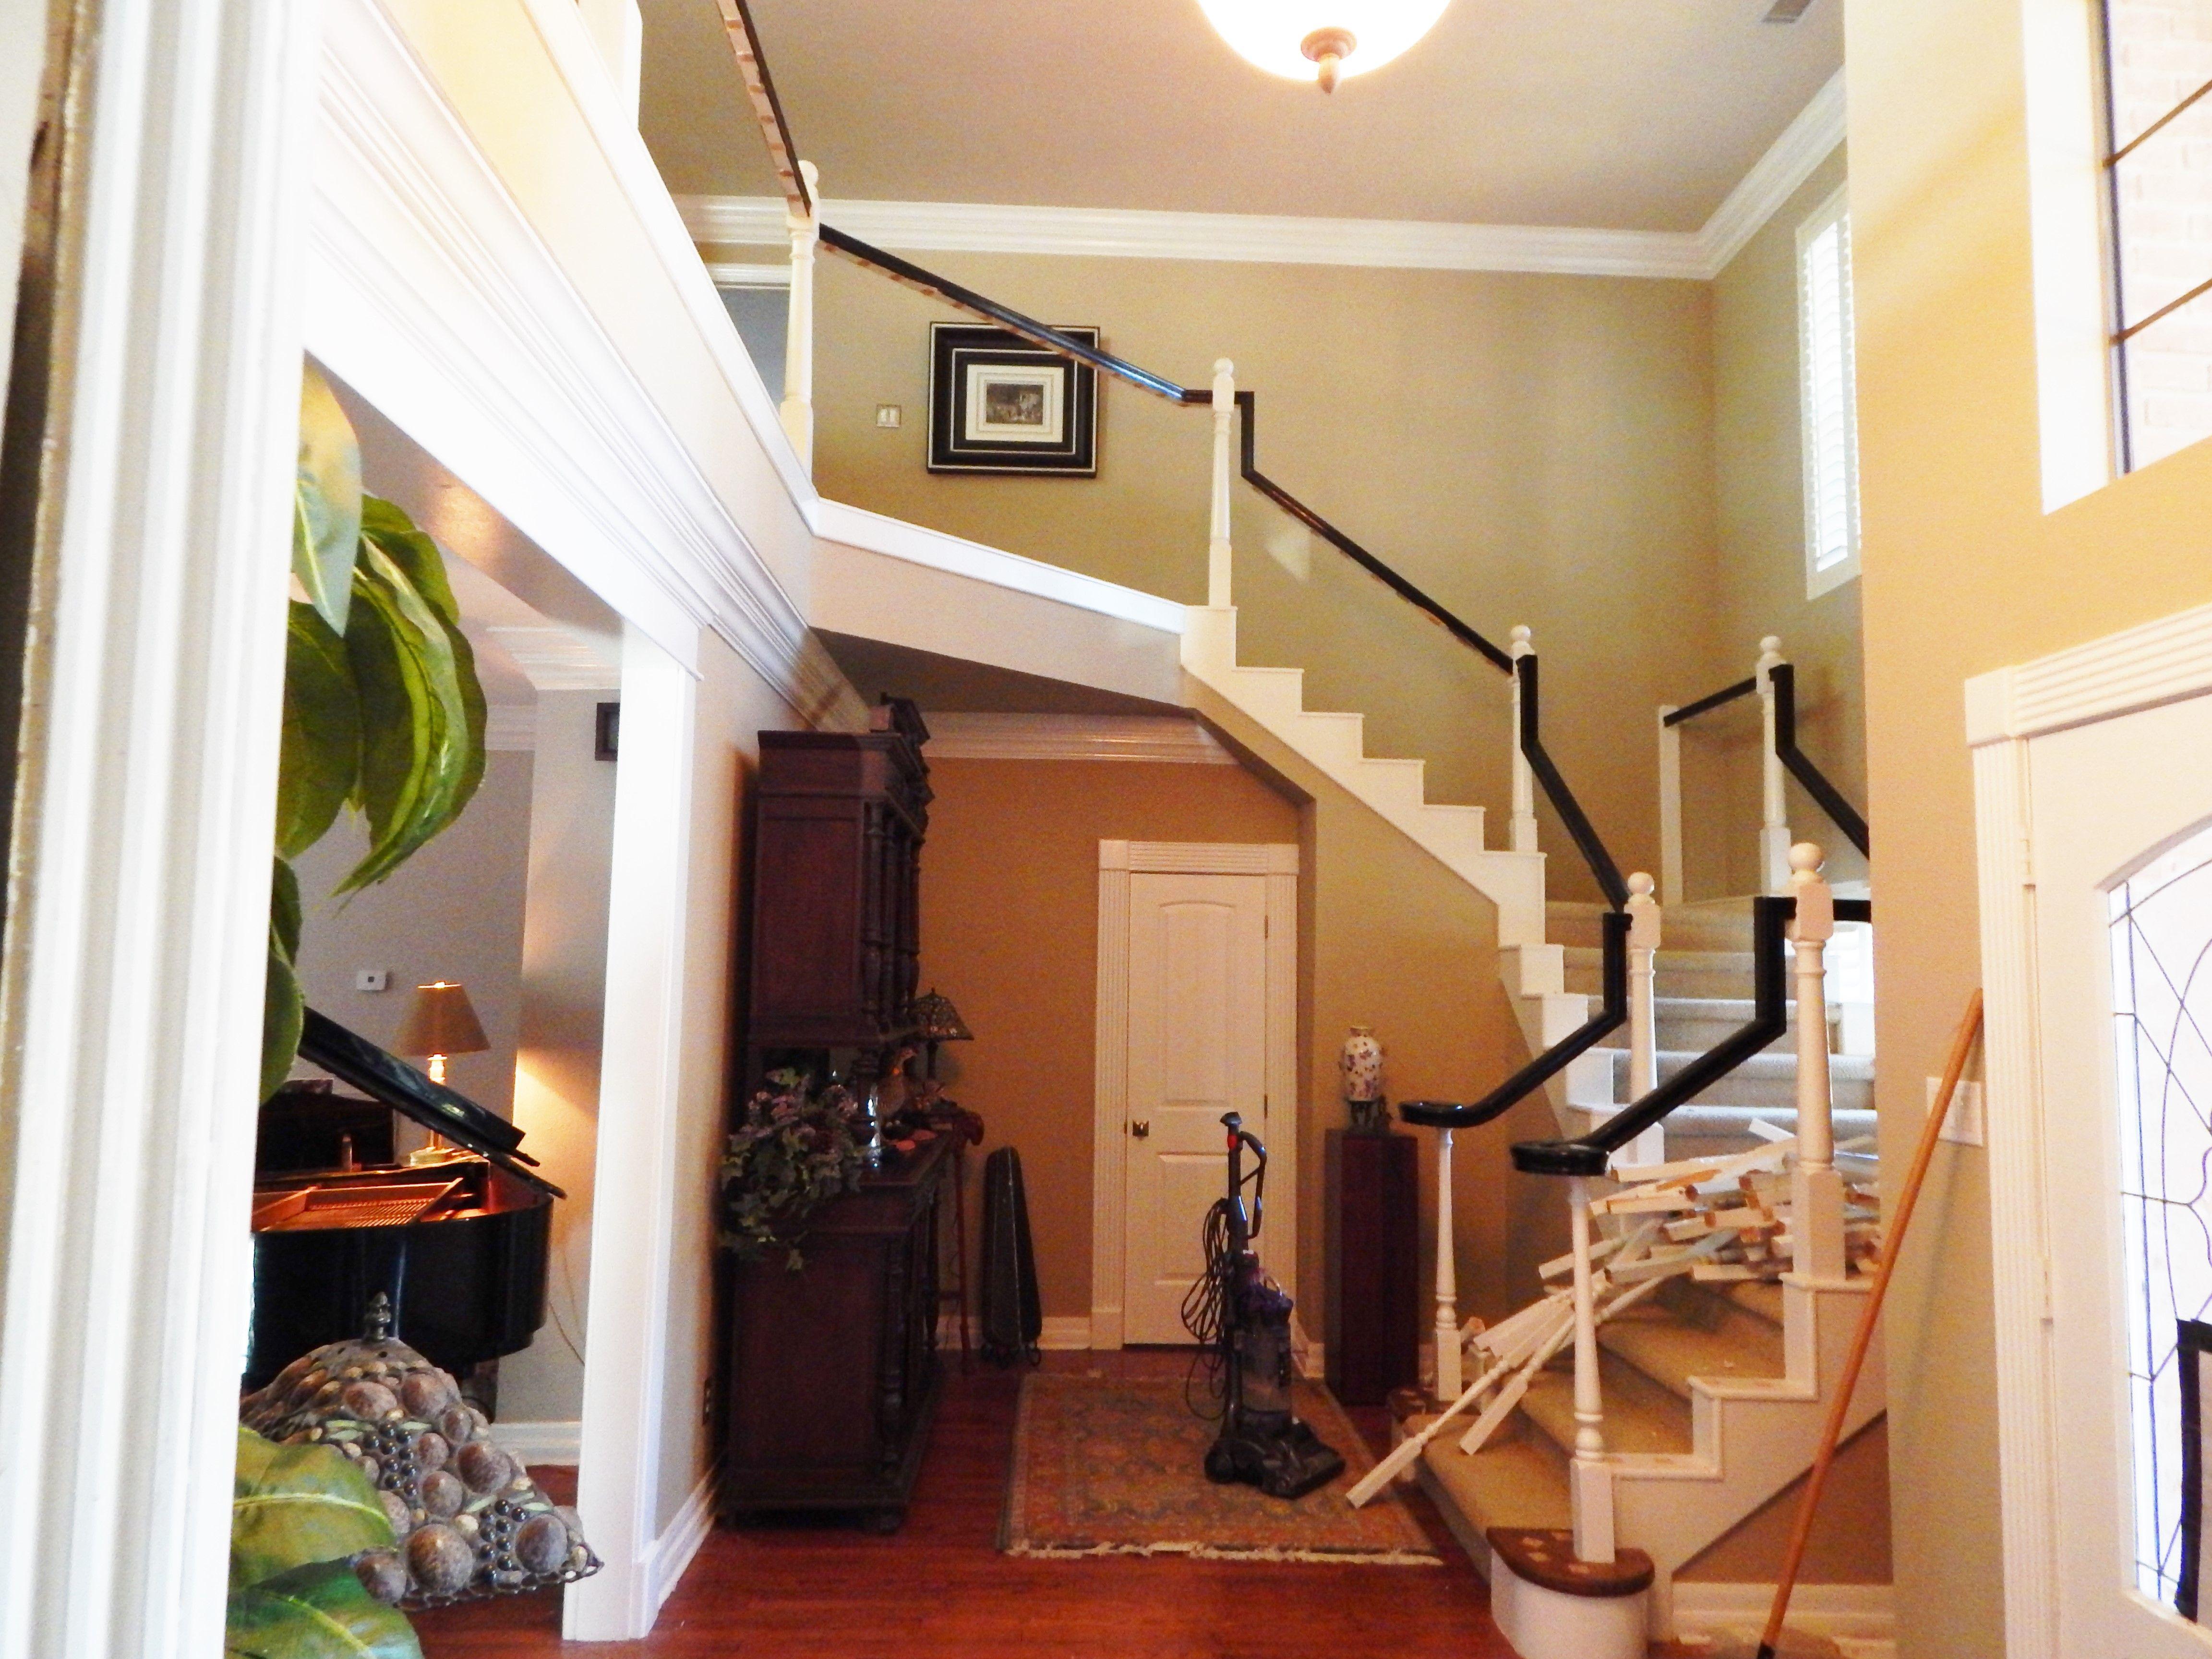 Houston Tx, Venetian, Stairs, Staircases, Stairways, Ladder, Ladders,  Stiles, Stairway